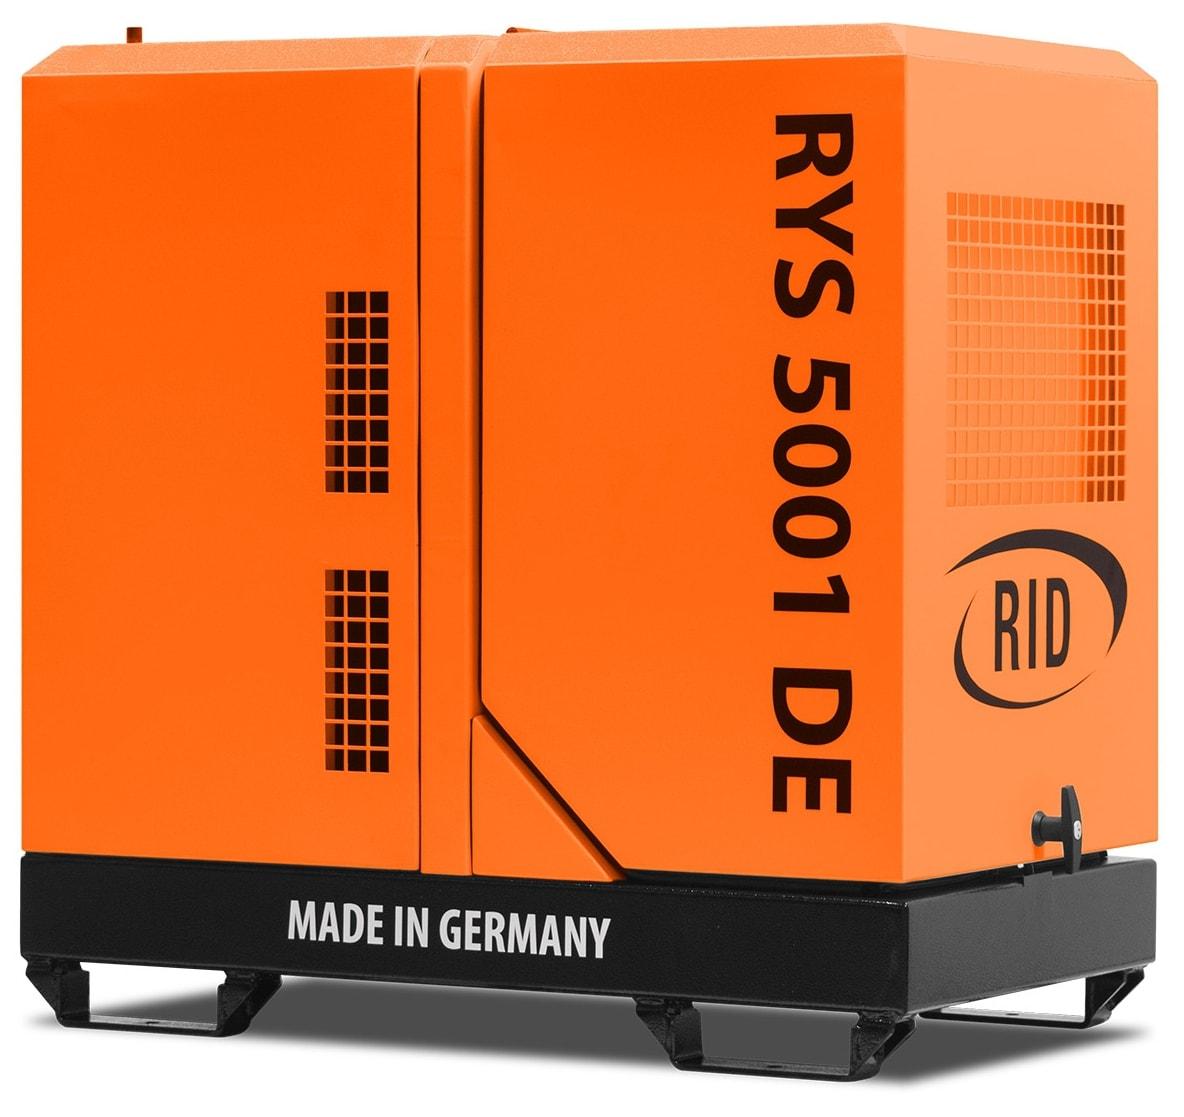 дизельная электростанция rid rys 5001 d